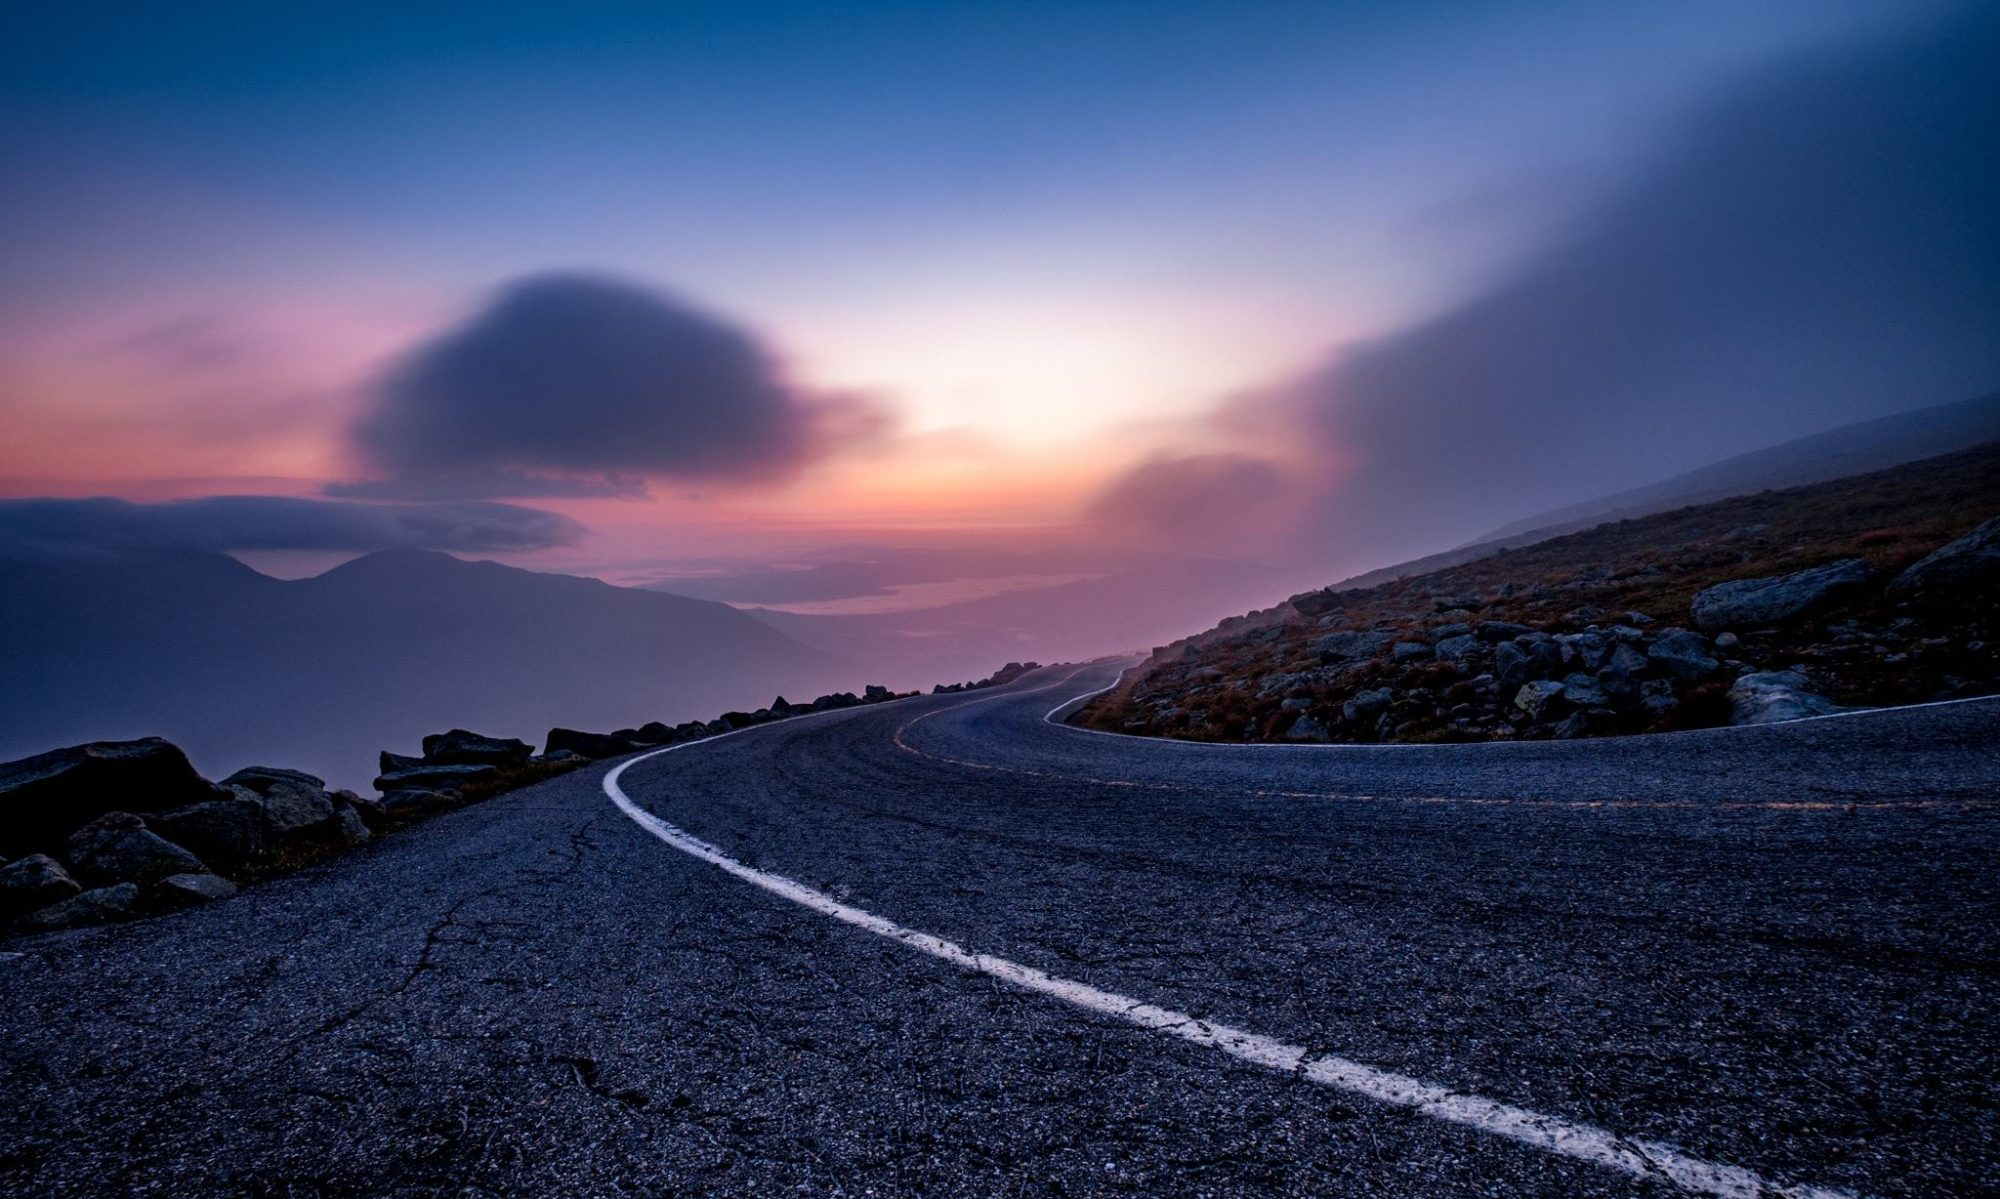 Sunrise Ascent on Mt. Washington